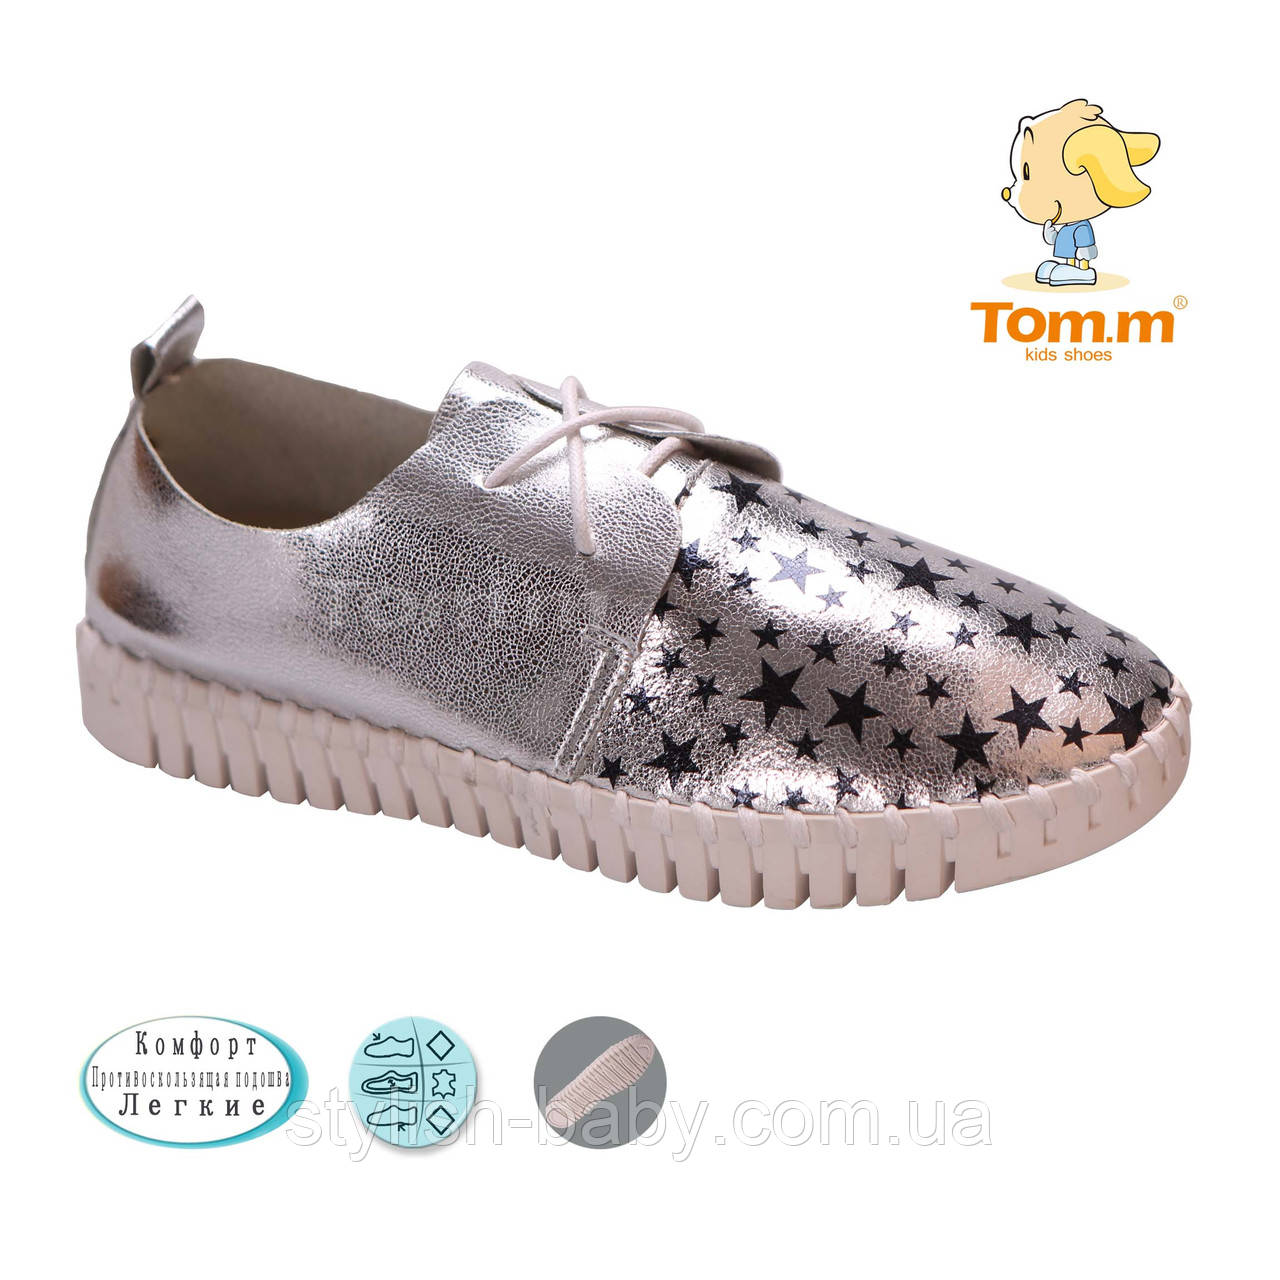 Детская обувь оптом. Детские туфли бренда Tom.m для девочек (рр. с 33 по 38)